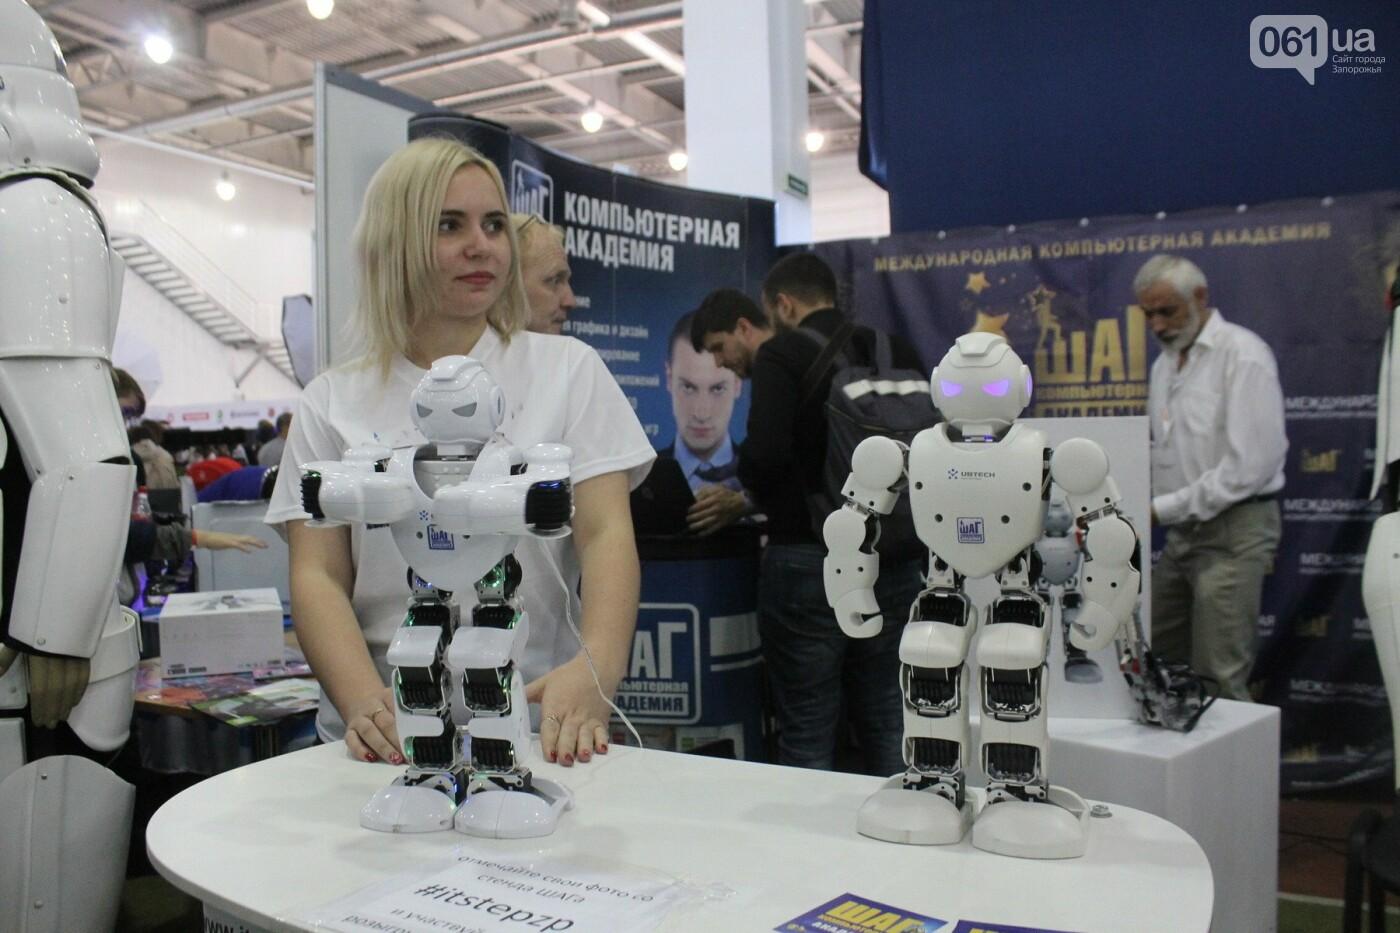 Роботы, киберспорт и спикеры-иностранцы: в Запорожье начался International IT Forum, – ФОТОРЕПОРТАЖ, фото-26